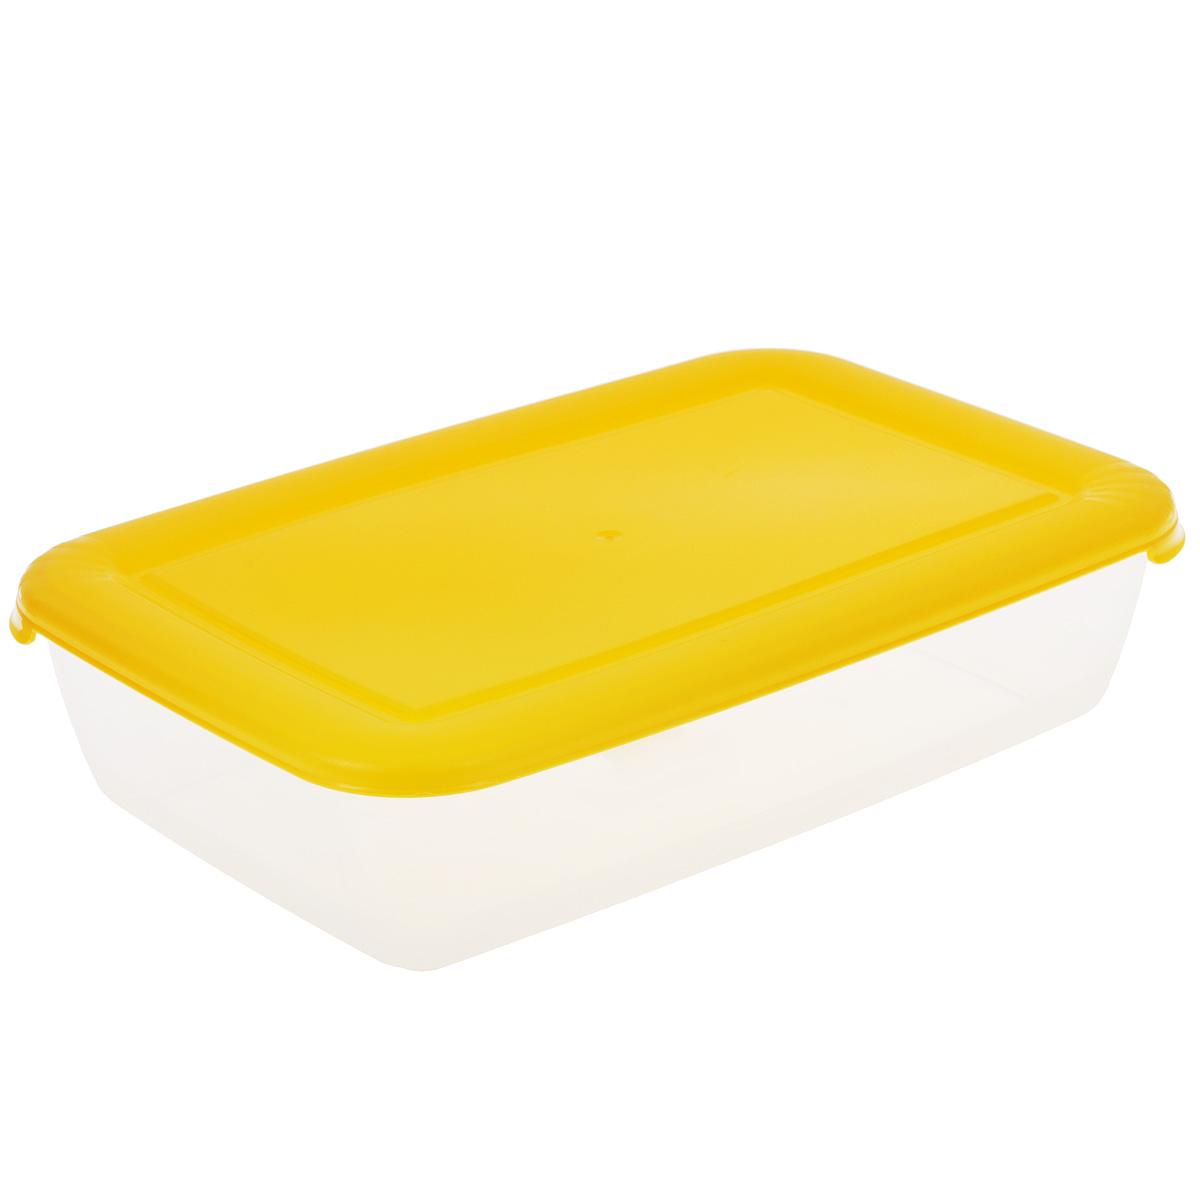 Контейнер Полимербыт Лайт, цвет: прозрачный, желтый, 1,9 лС553Контейнер Полимербыт Лайт прямоугольной формы, изготовленный из прочного пластика, предназначен специально для хранения пищевых продуктов. Крышка легко открывается и плотно закрывается. Контейнер устойчив к воздействию масел и жиров, легко моется. Прозрачные стенки позволяют видеть содержимое. Контейнер имеет возможность хранения продуктов глубокой заморозки, обладает высокой прочностью. Можно мыть в посудомоечной машине. Подходит для использования в микроволновых печах.